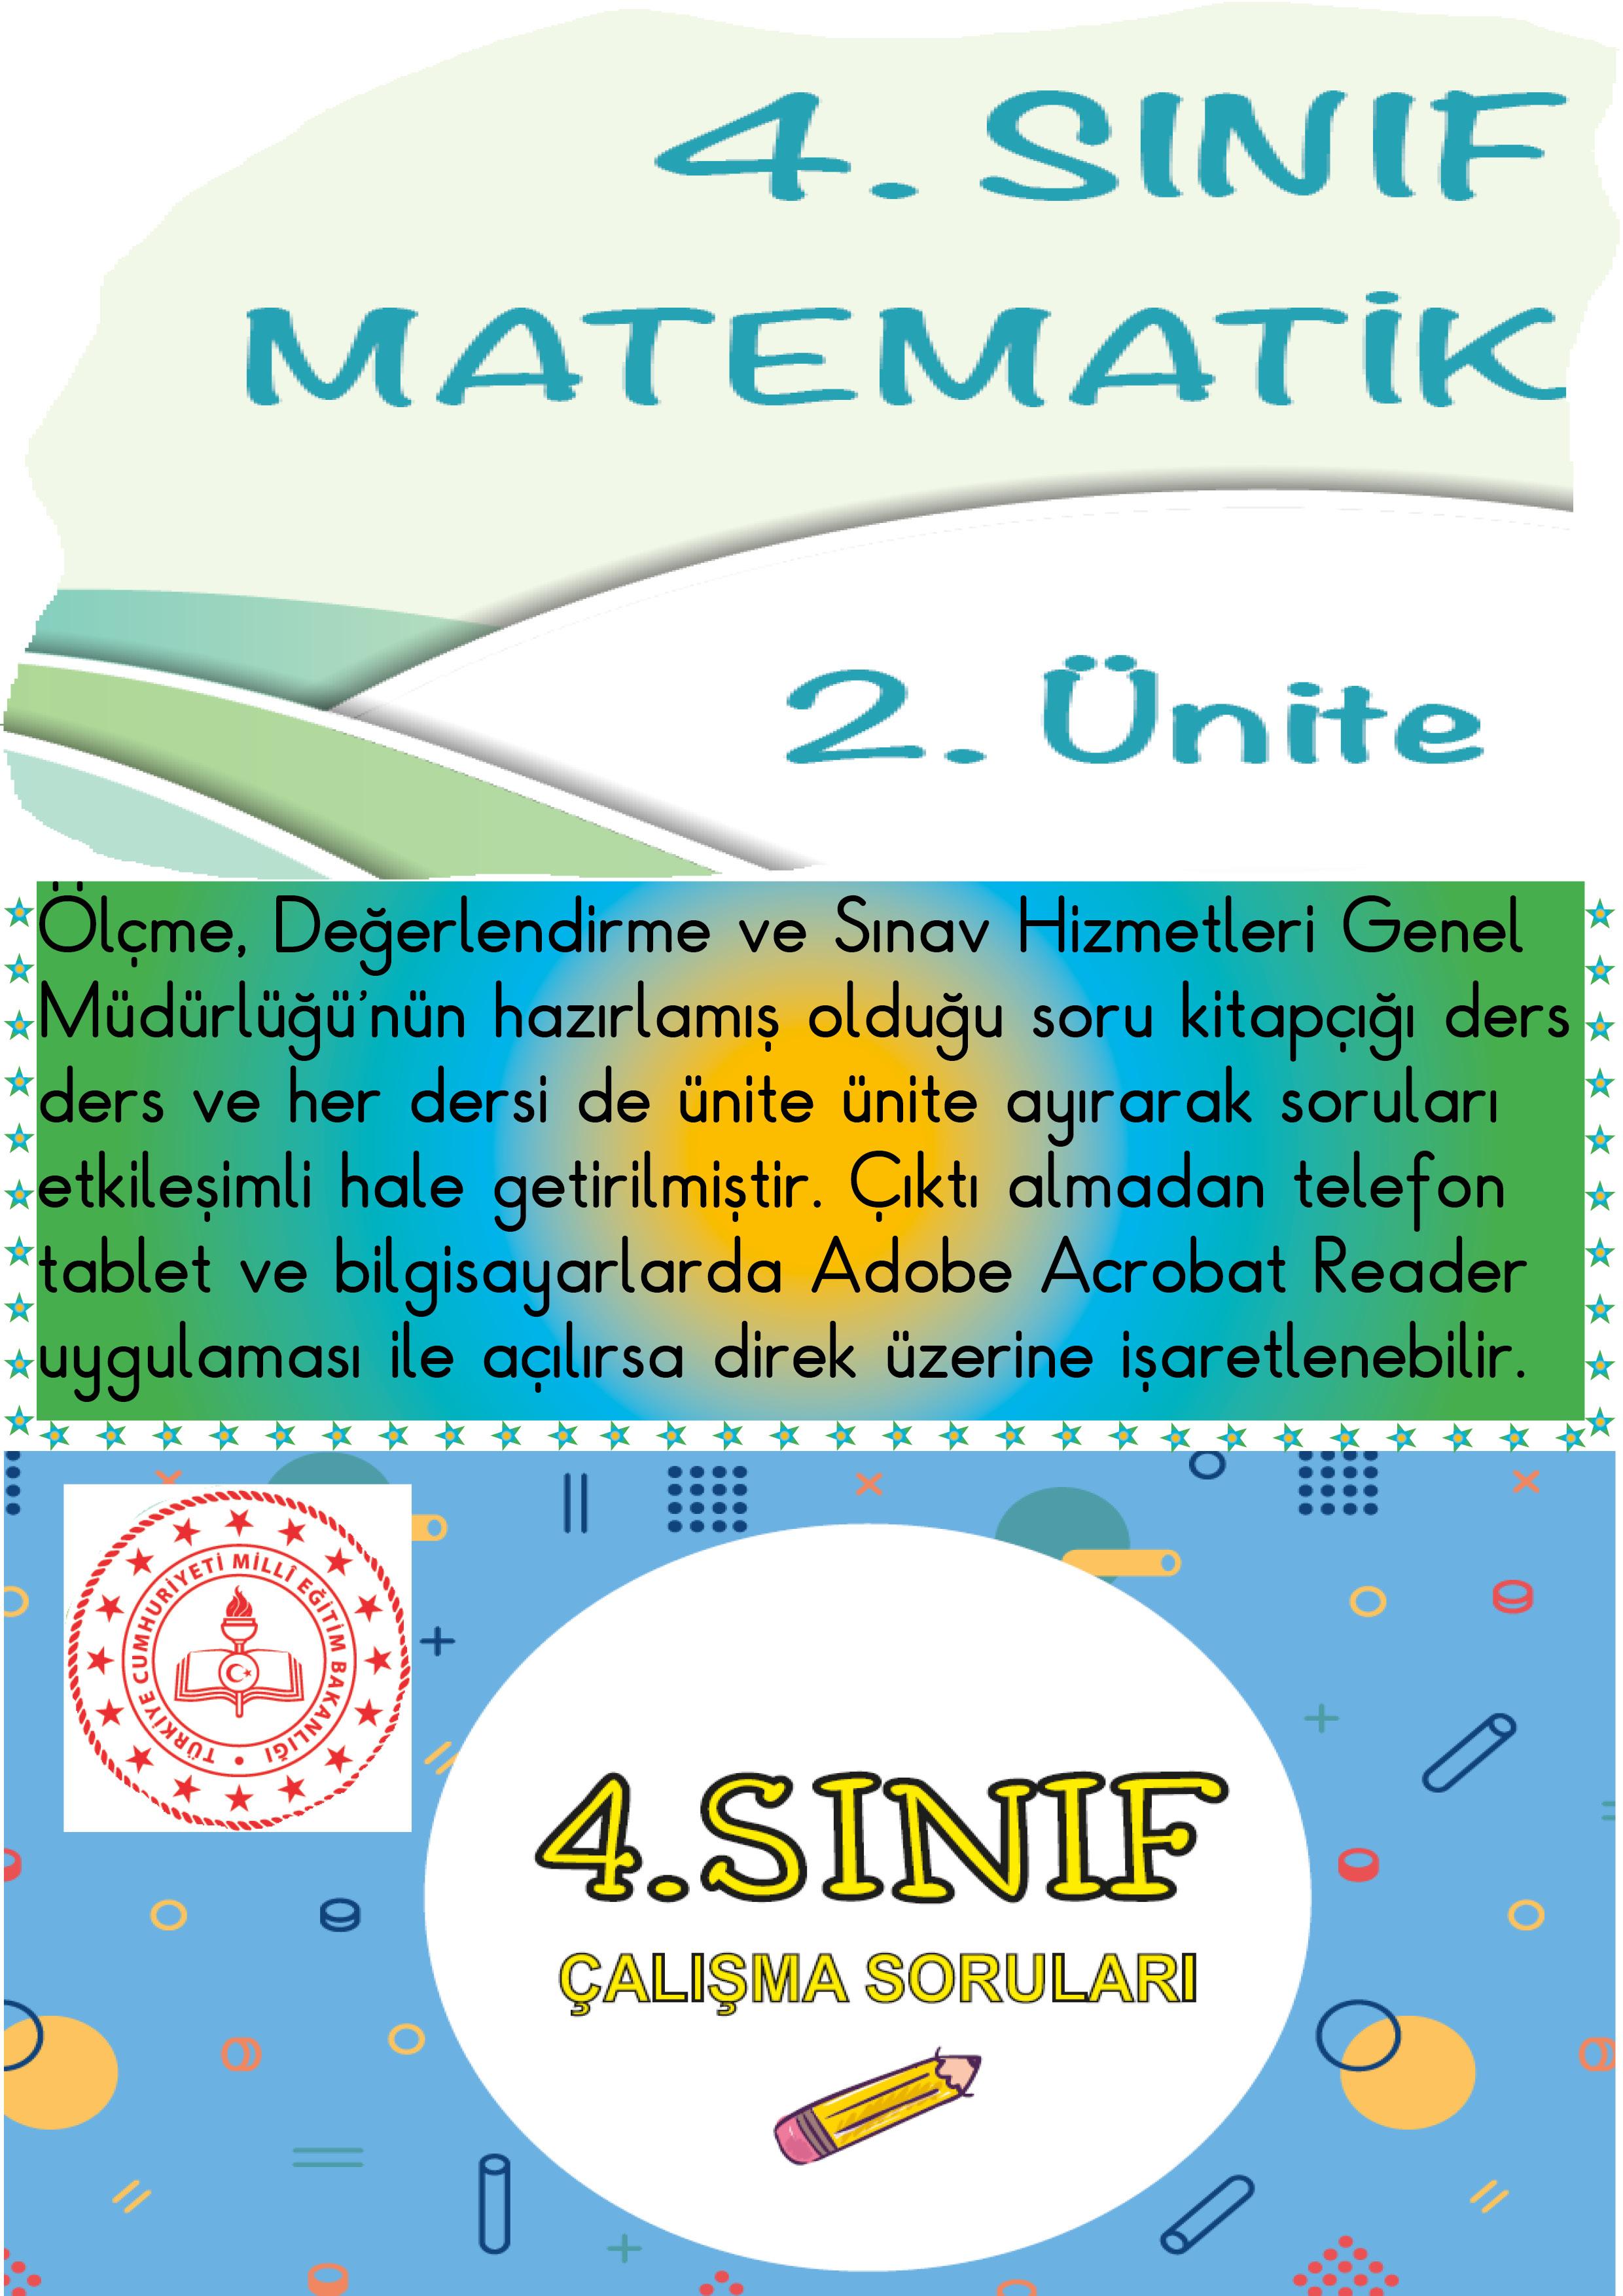 ETKİLEŞİMLİ 4.SINIF MATEMATİK 2.ÜNİTE MEB ÖDSGM ÇALIŞMA SORULARI